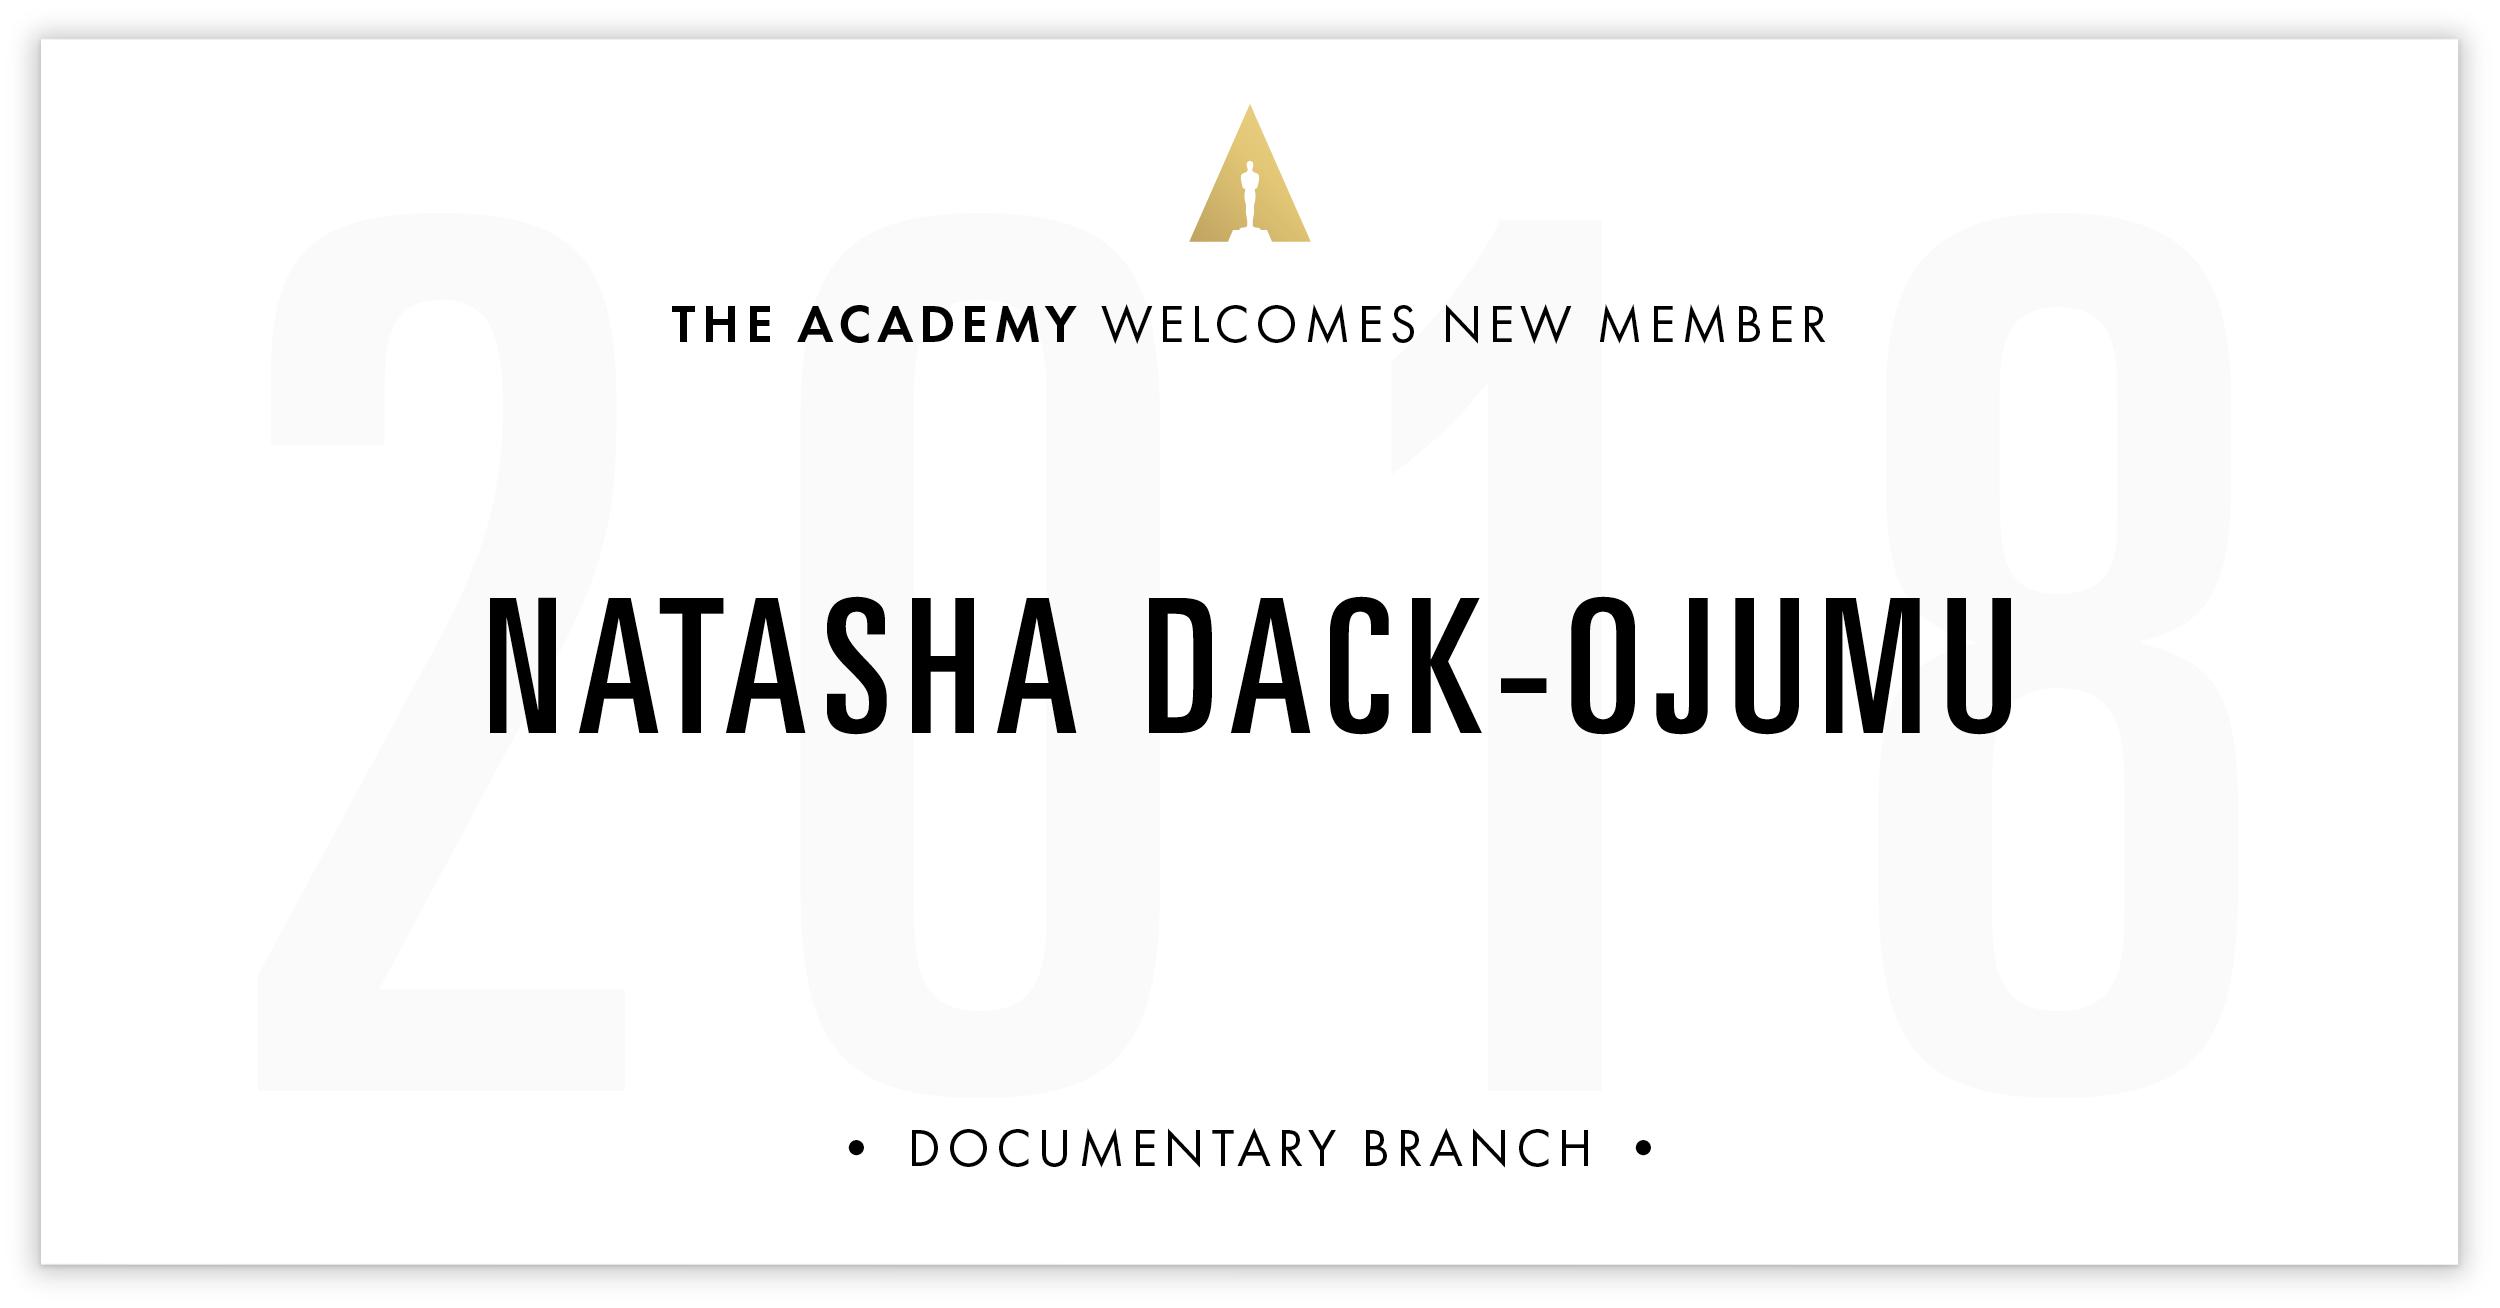 Natasha Dack-Ojumu is invited!